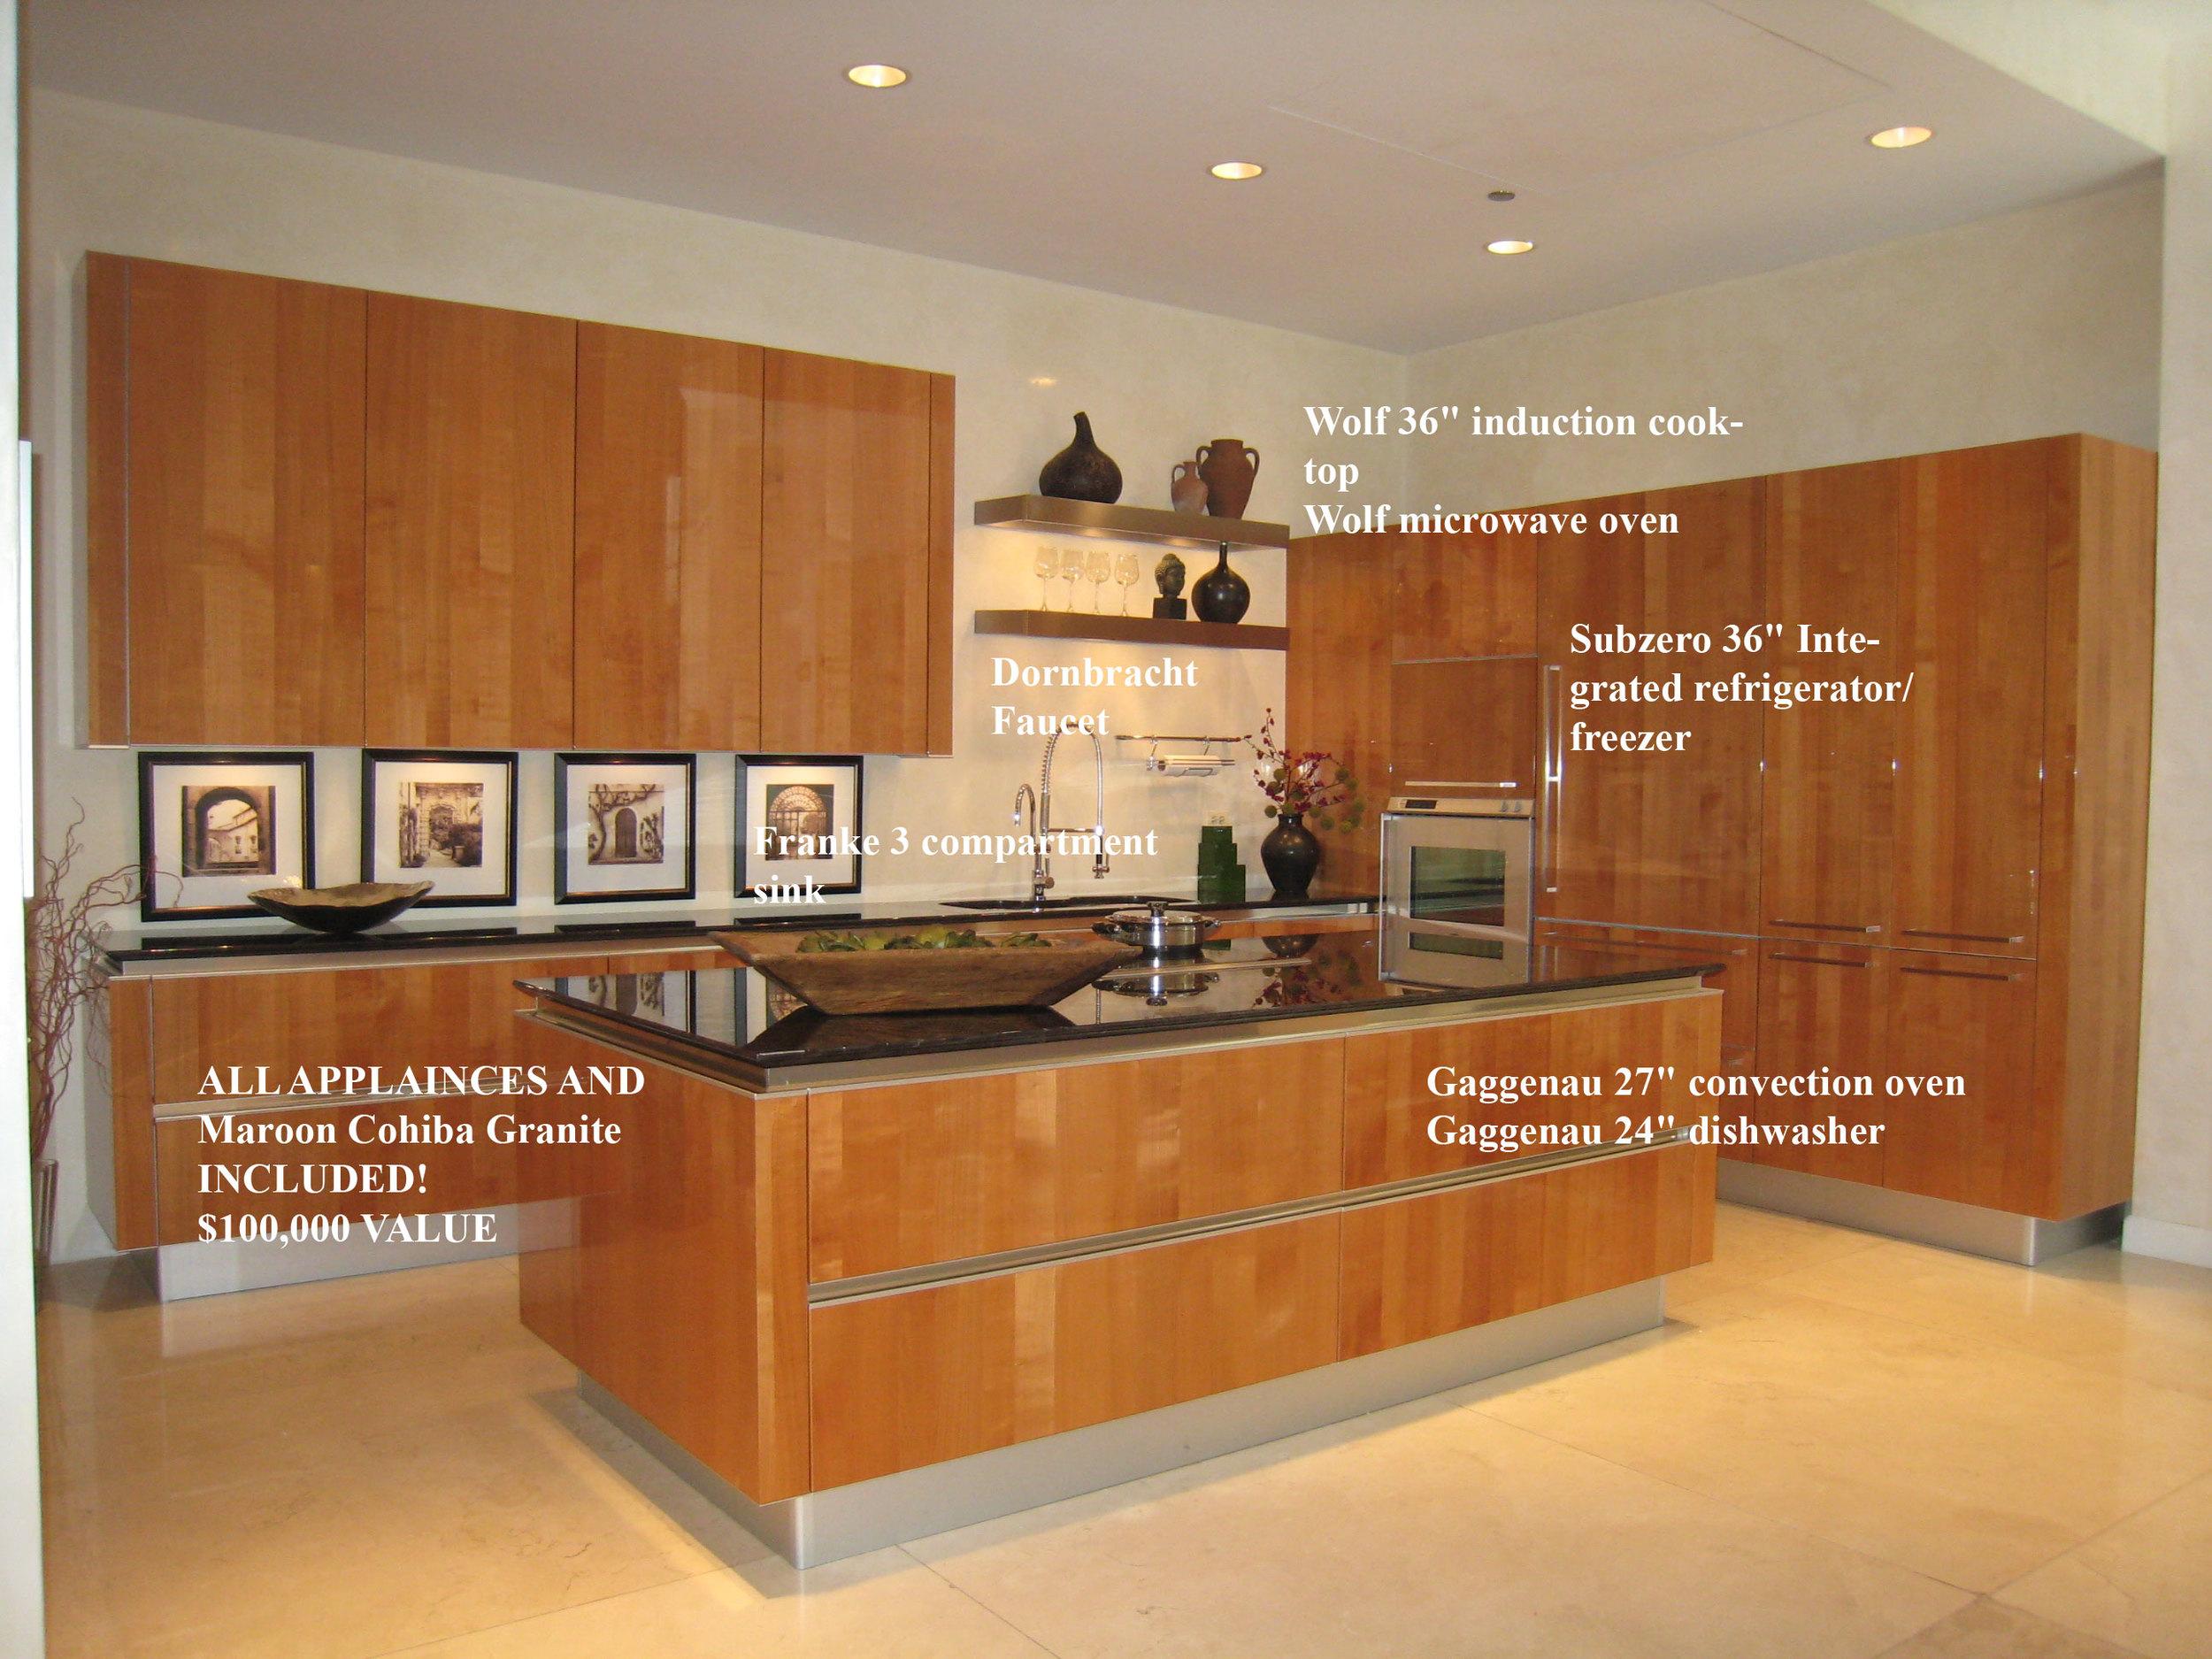 Showroom-Idea-Display-001.jpg